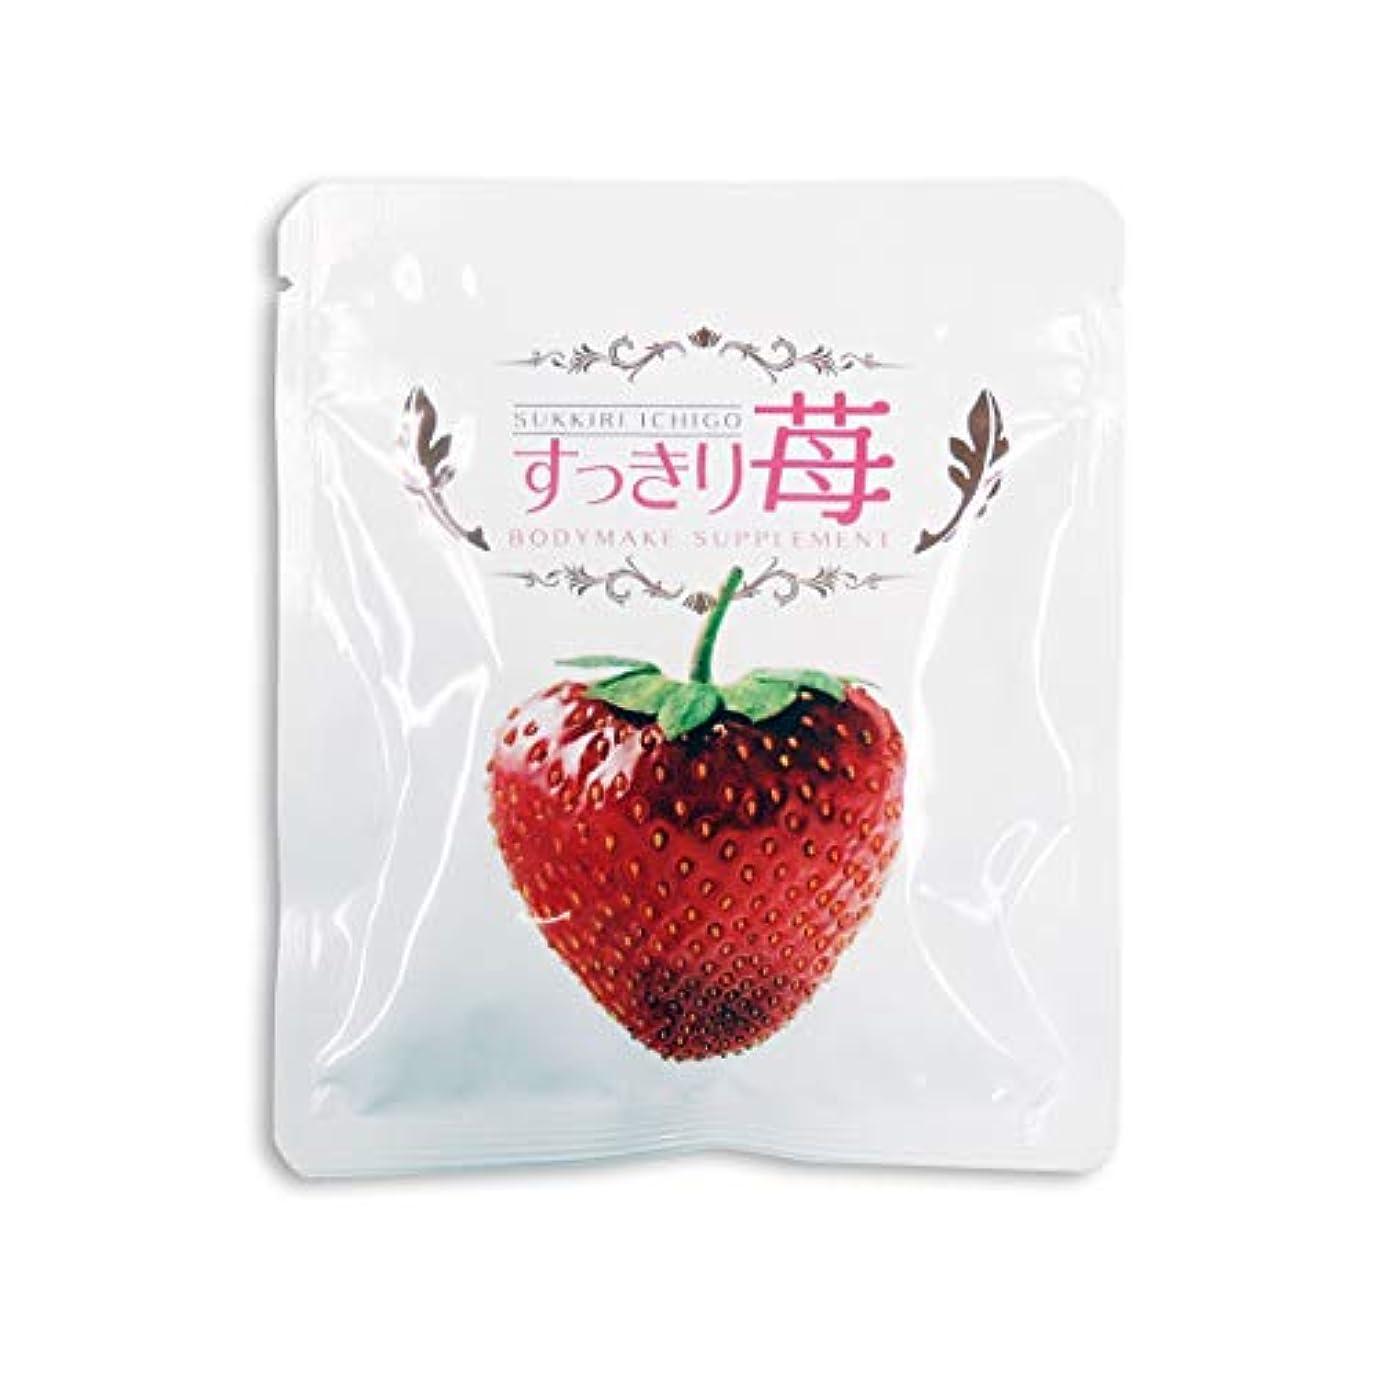 生む黙認する現像すっきり苺 ダイエタリーサプリメント